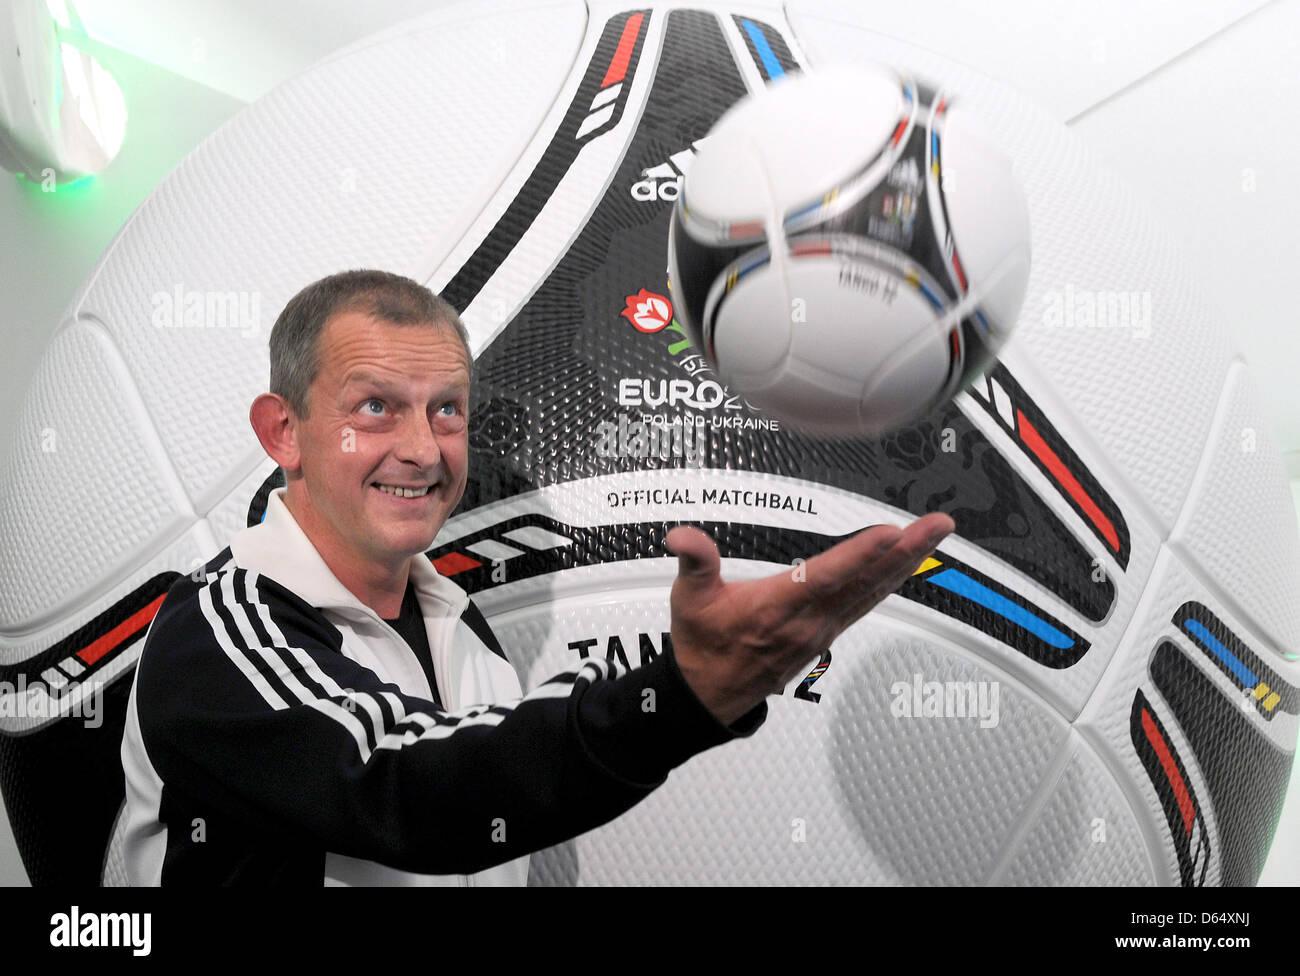 Klaus Rolshoven Inovation Designer Adidas Stockfotos & Klaus ...